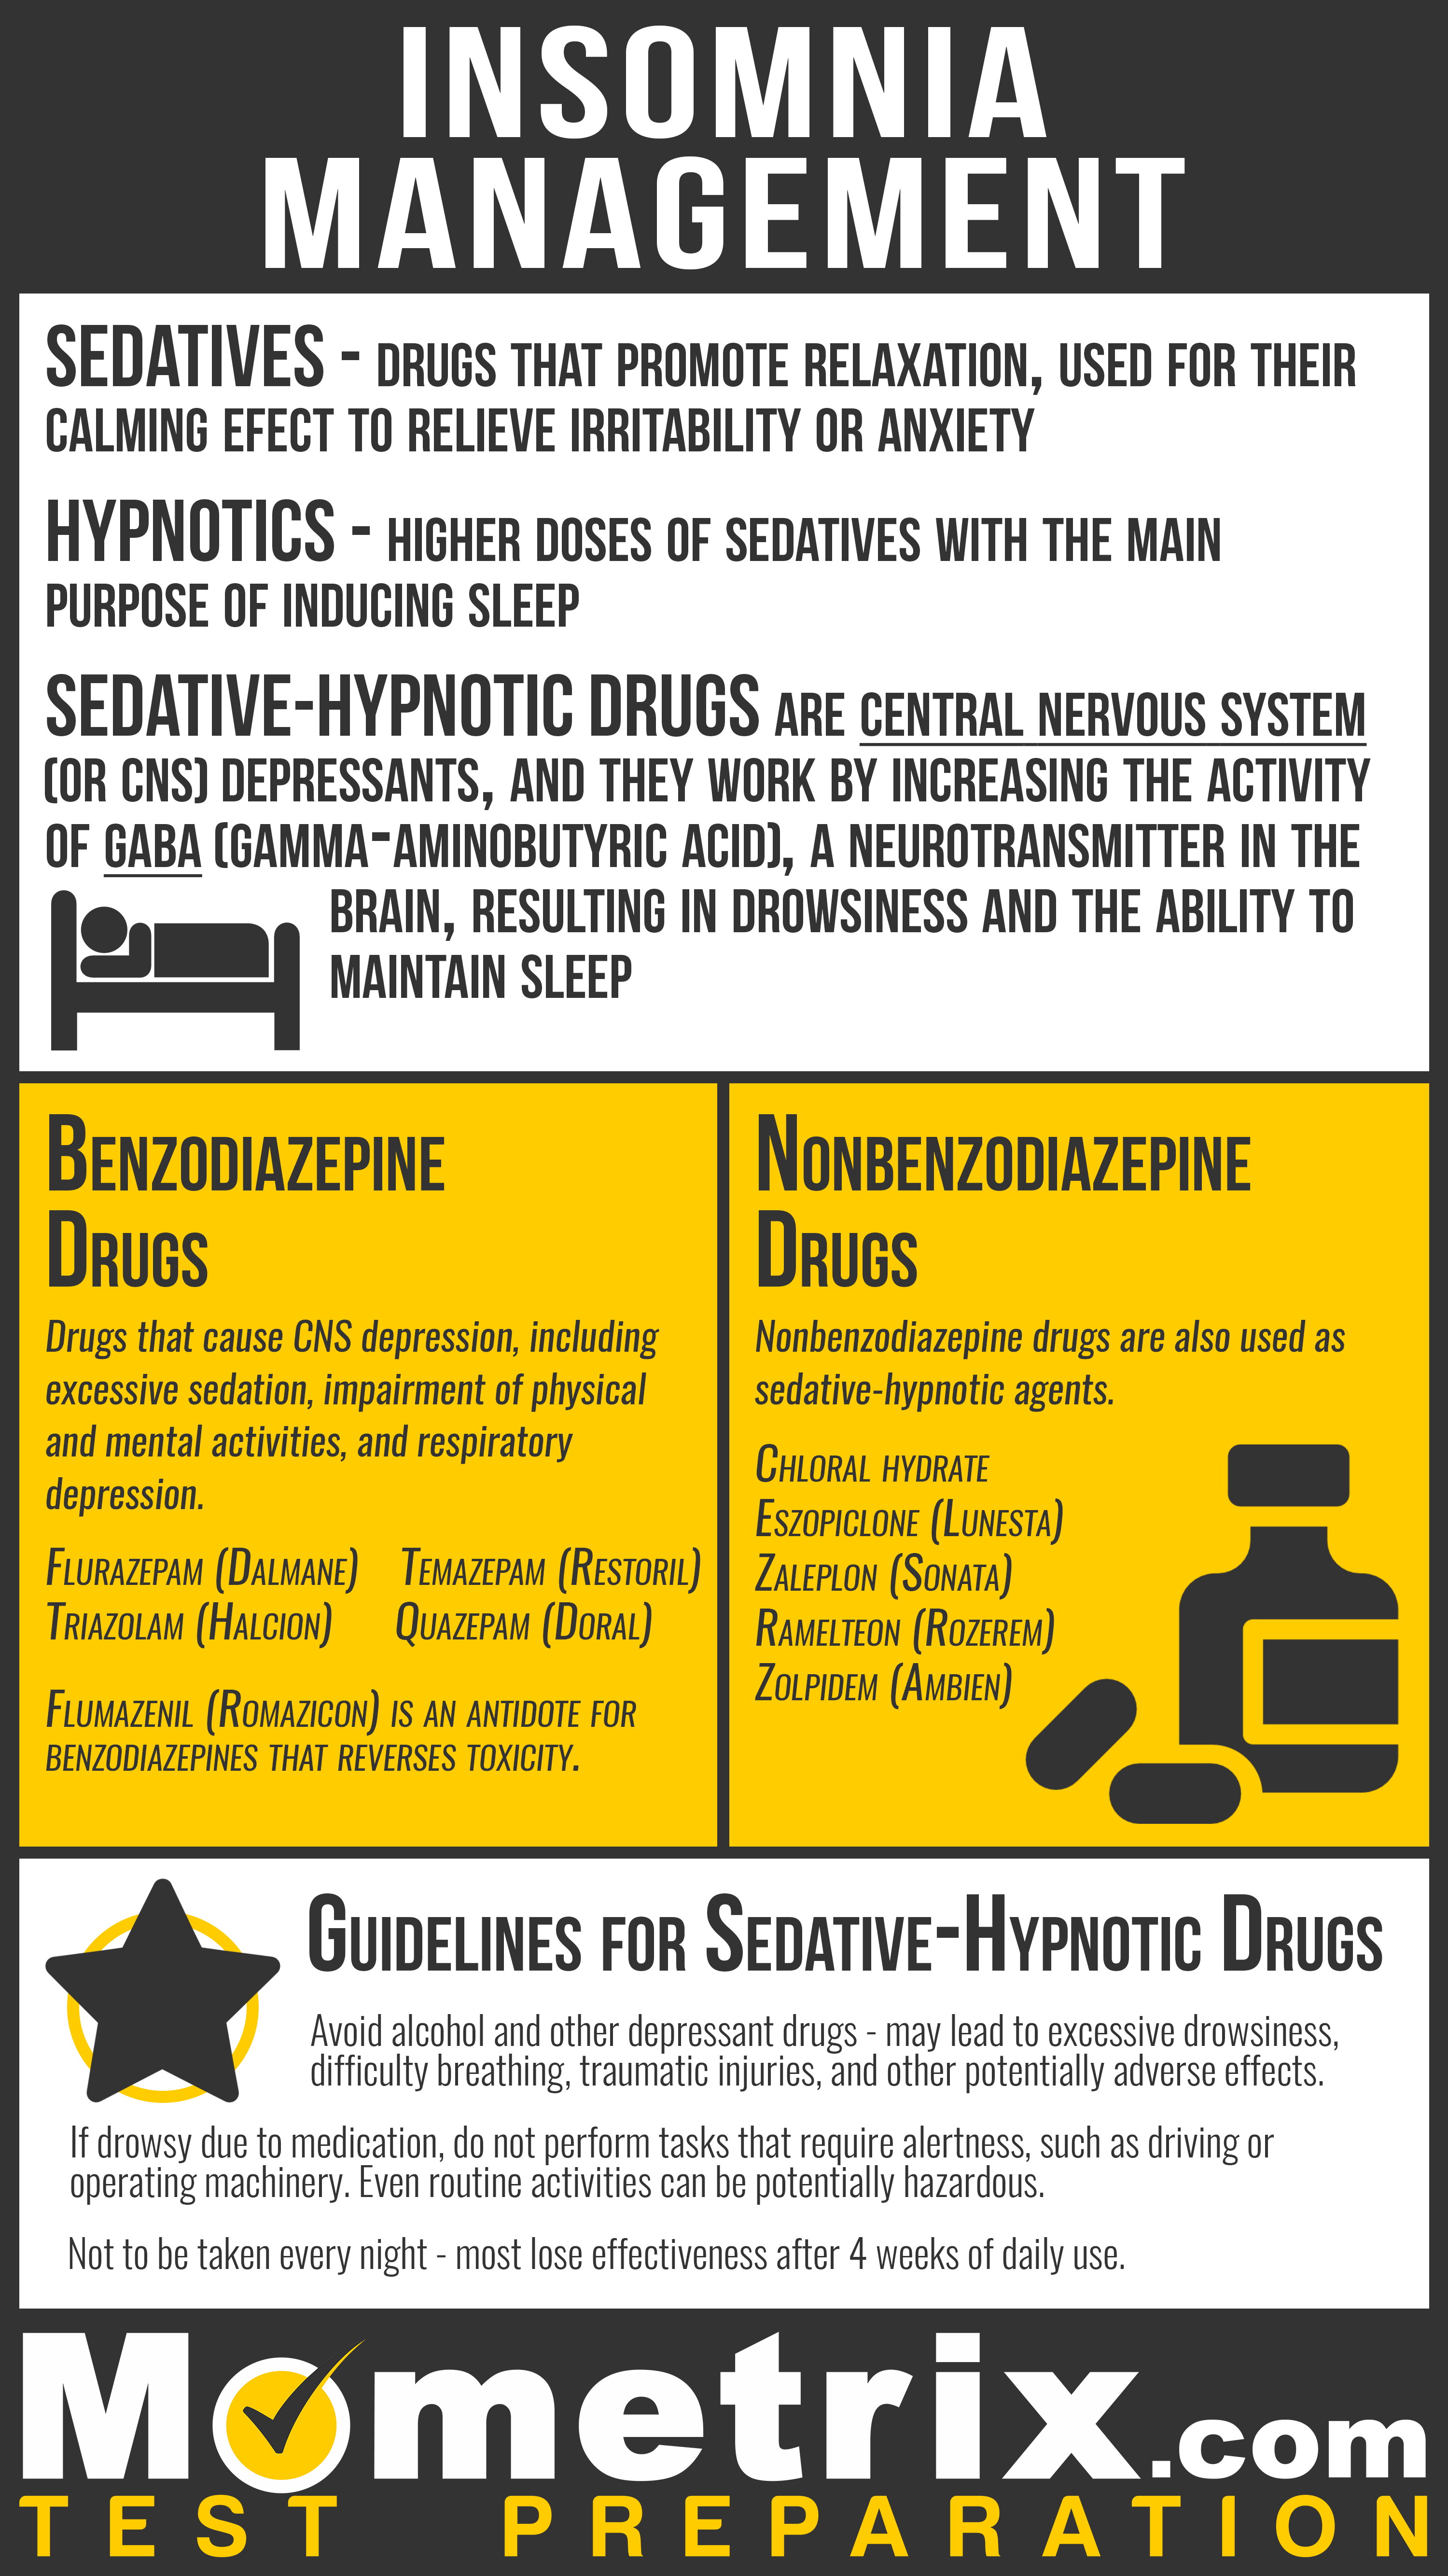 Infographic explaining Insomnia Management